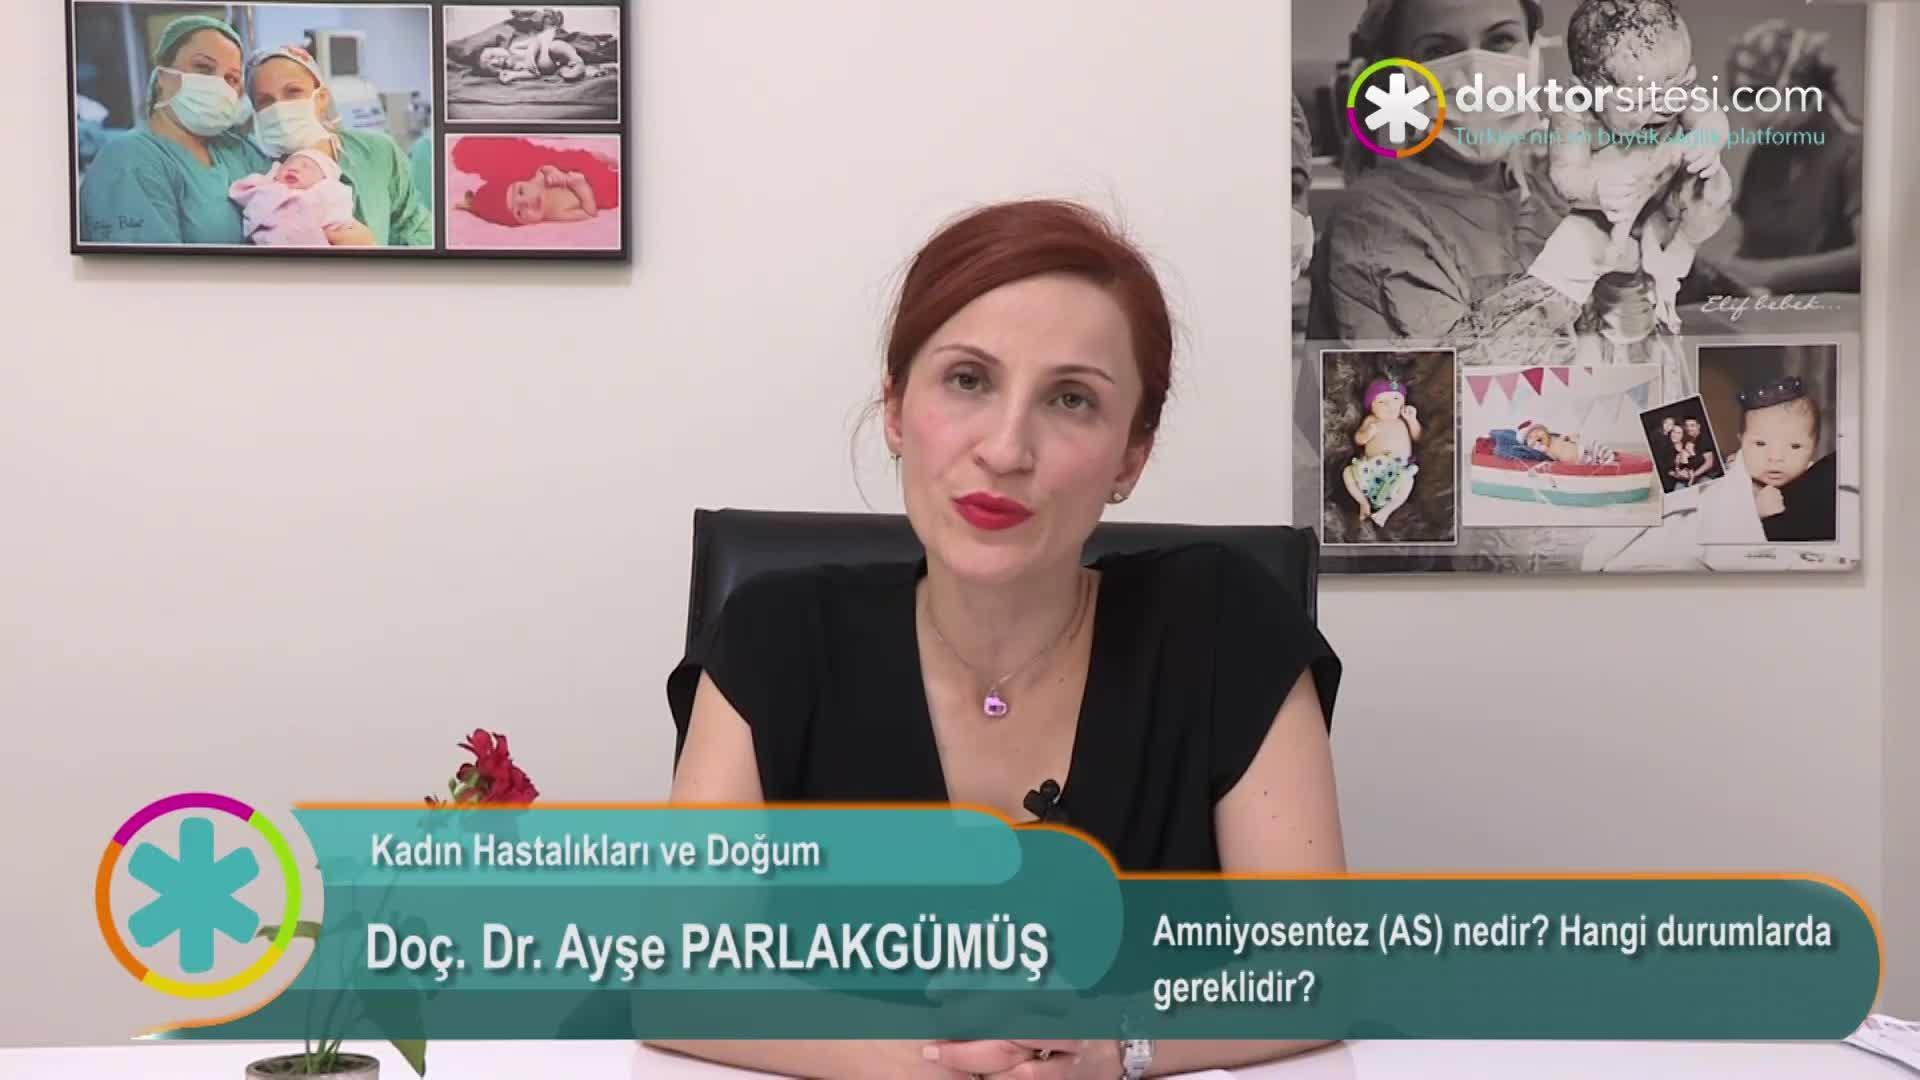 """Amniyosentez (AS) nedir? Hangi durumlarda gereklidir? """"Doç. Dr. Ayşe  PARLAKGÜMÜŞ"""""""